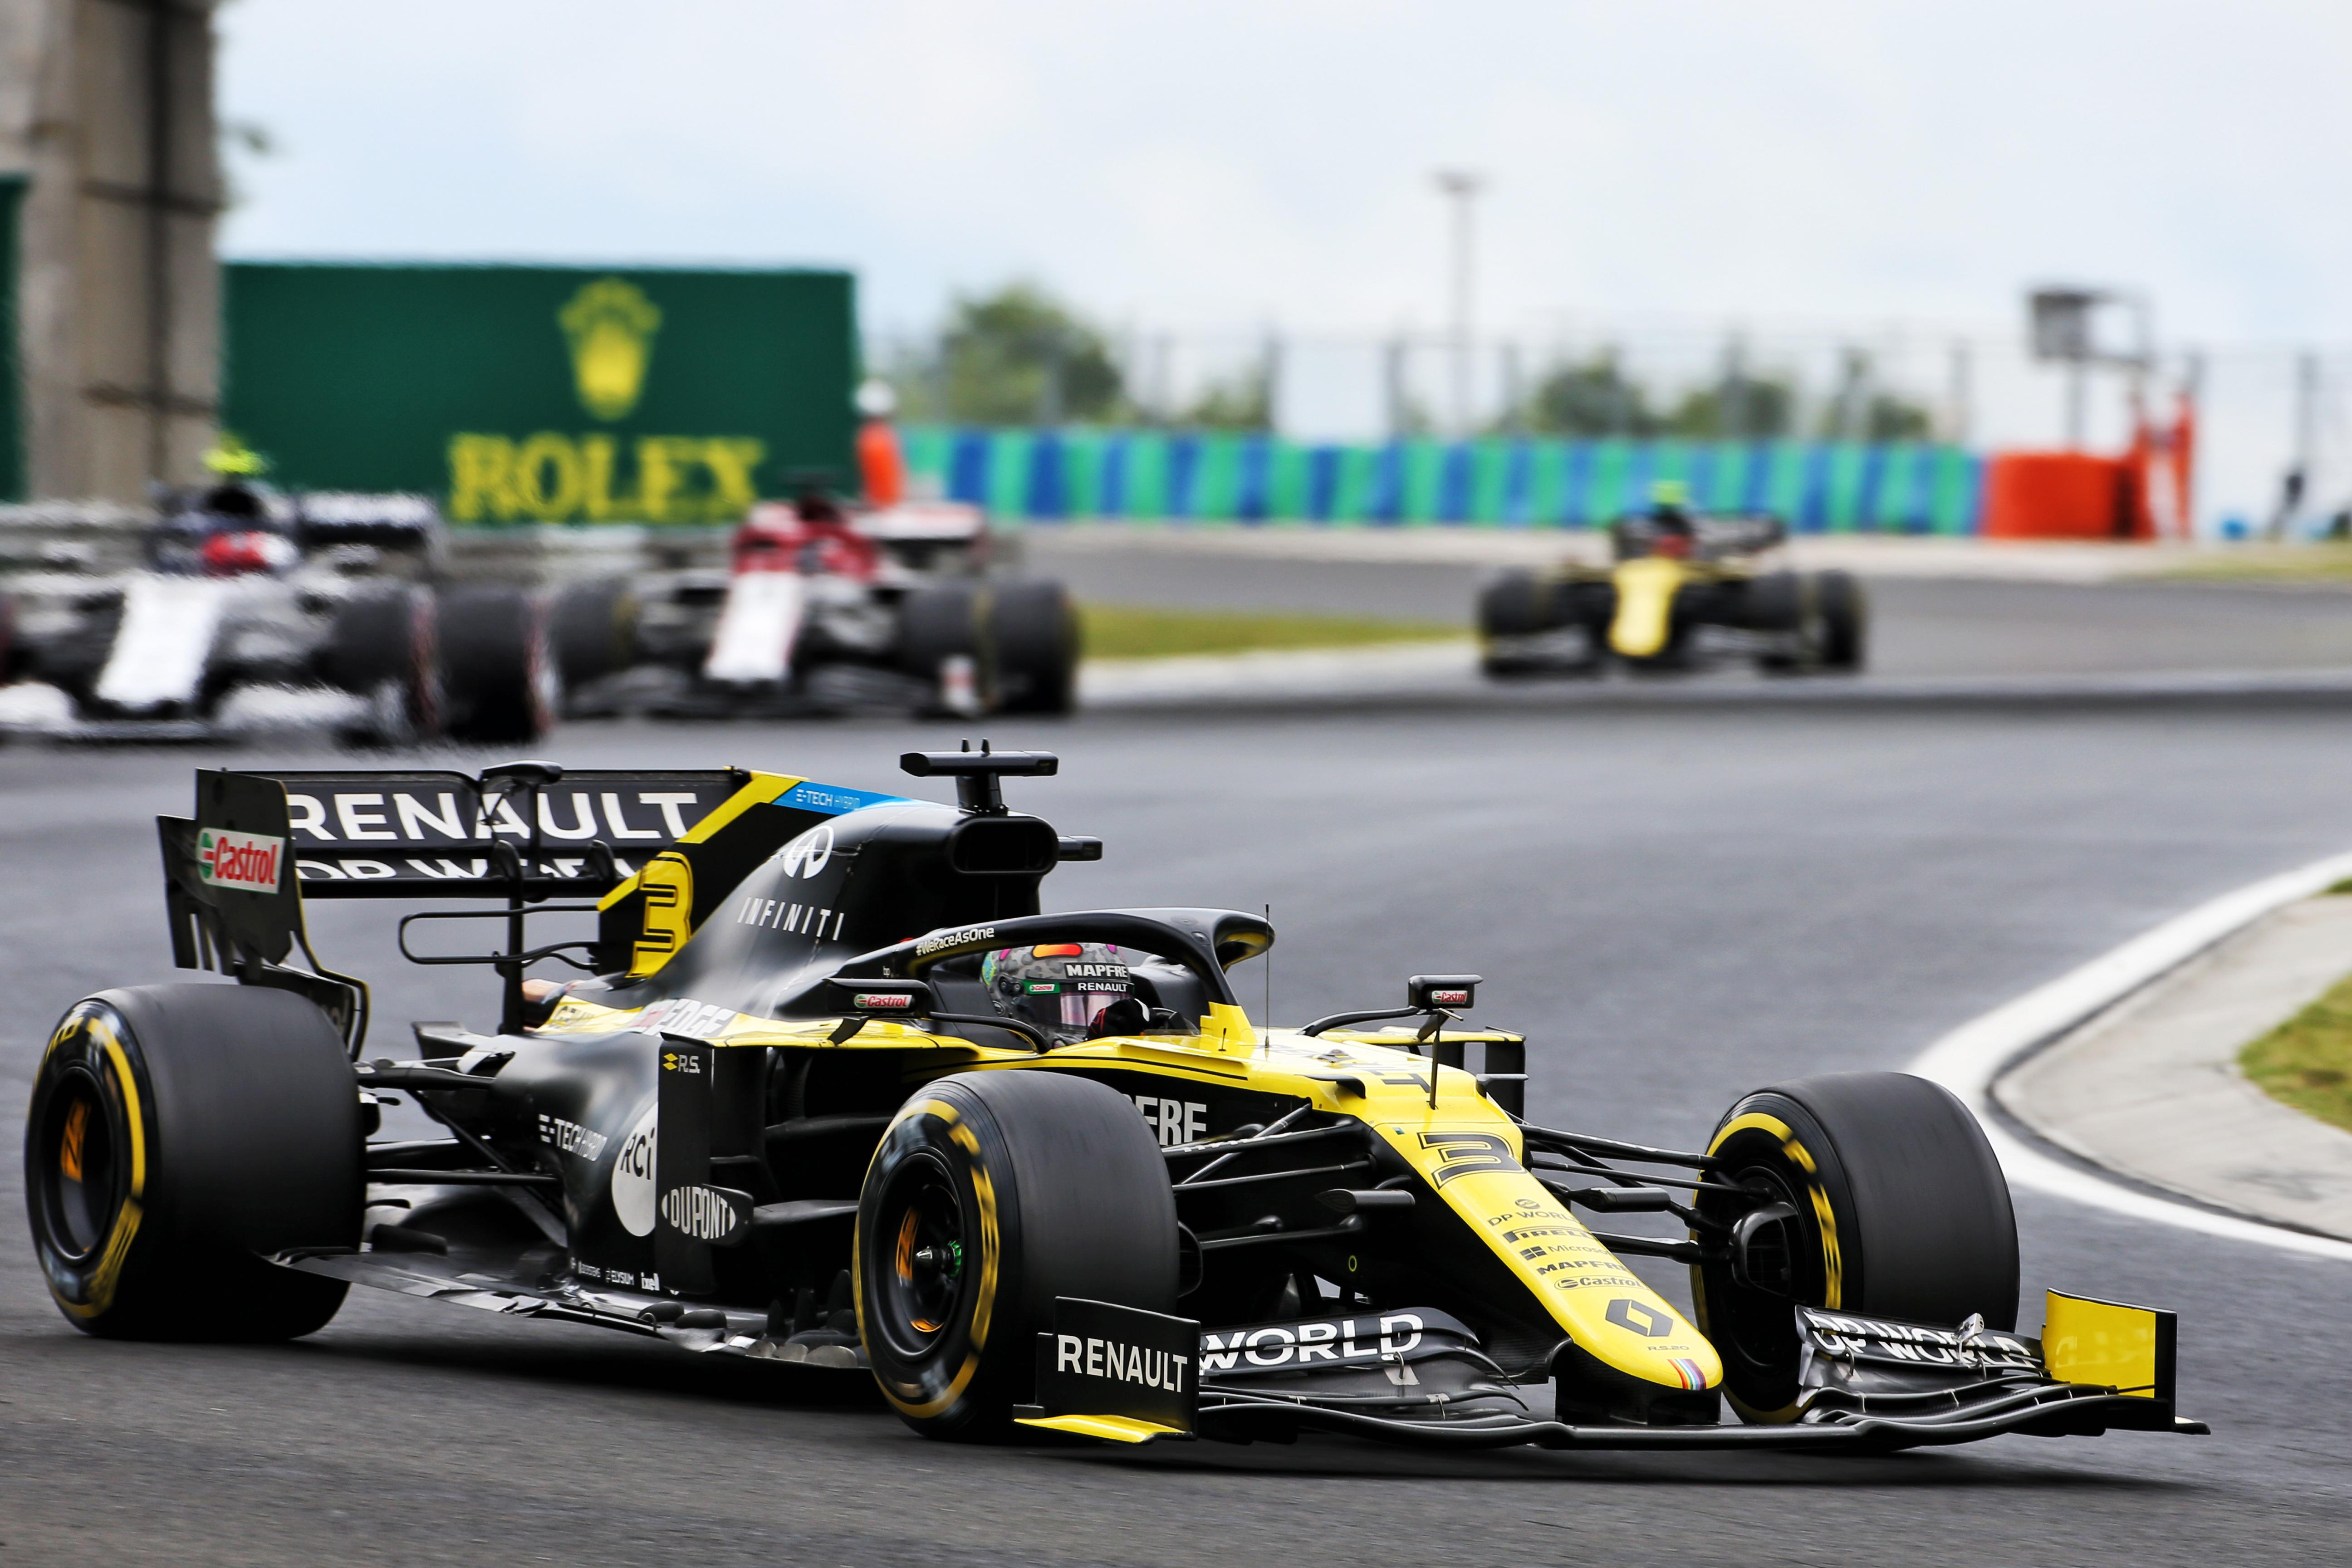 Daniel Ricciardo Renault Hungarian Grand Prix 2020